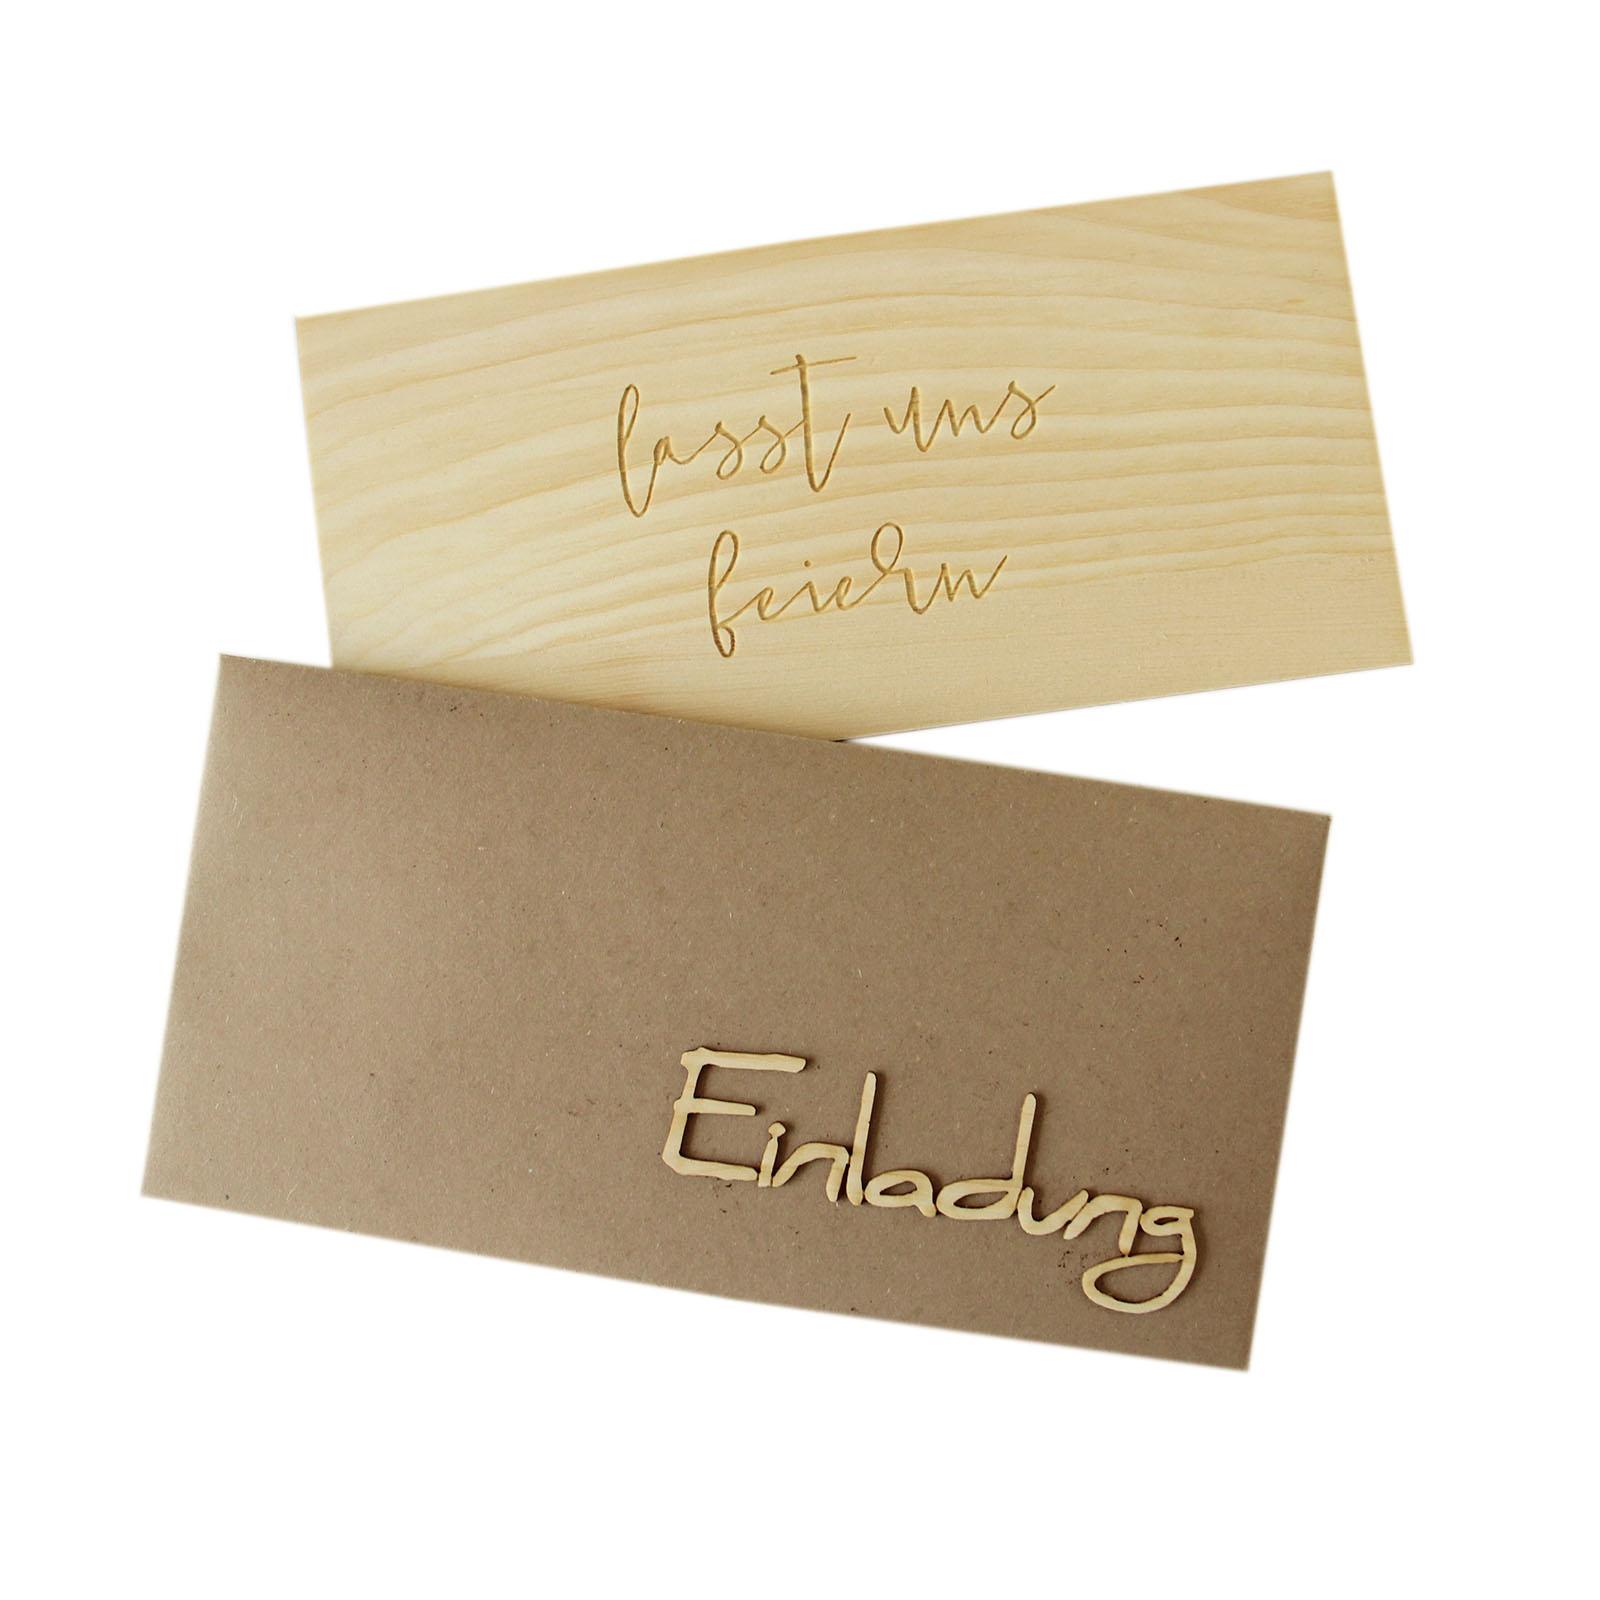 Holzgrusskarte - Einladungskarte zur Hochzeit